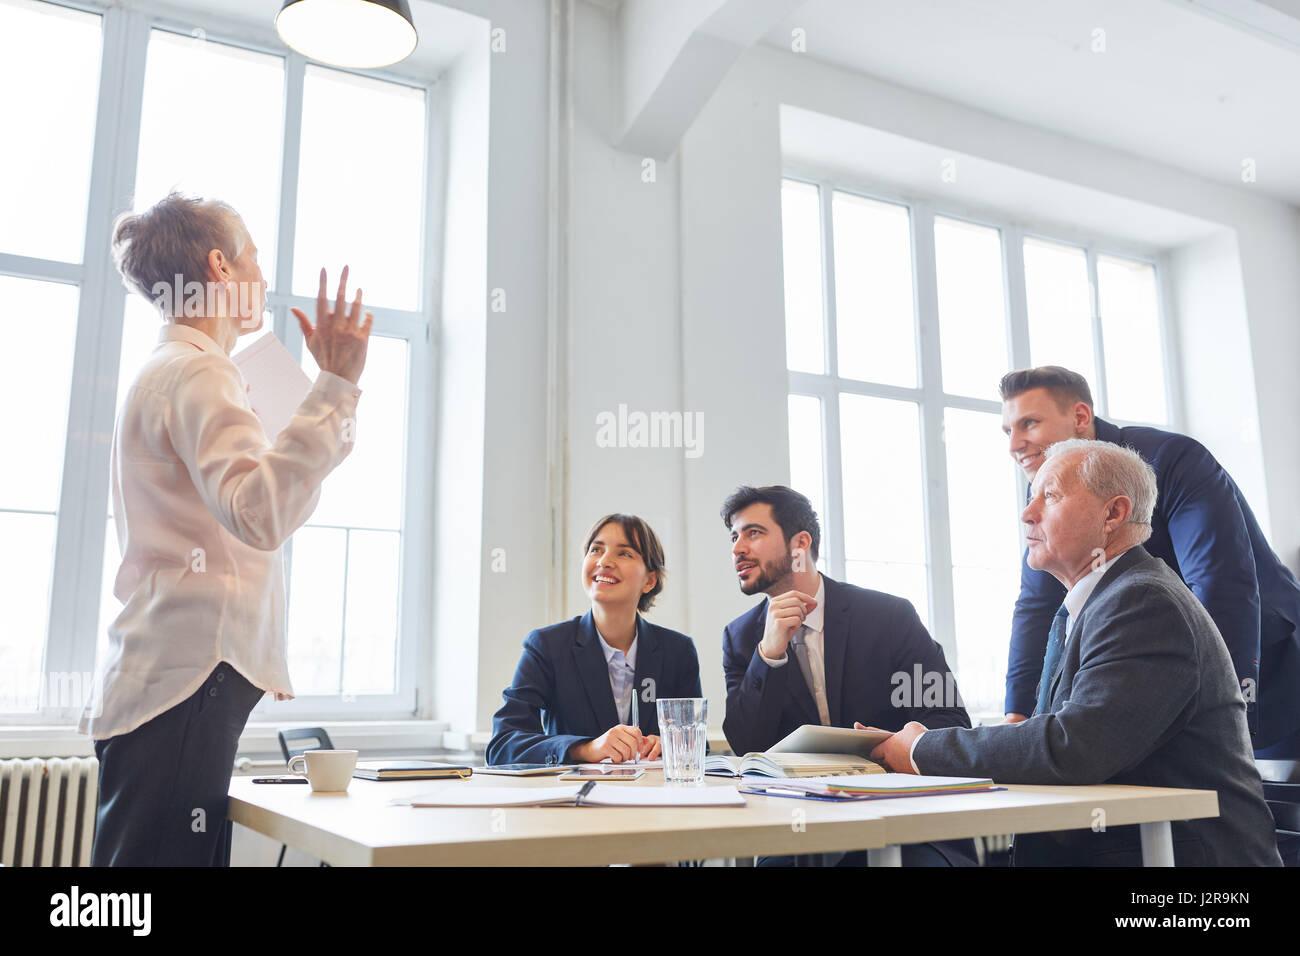 Consultoría seminario Mujer como orador en la presentación del negocio Imagen De Stock